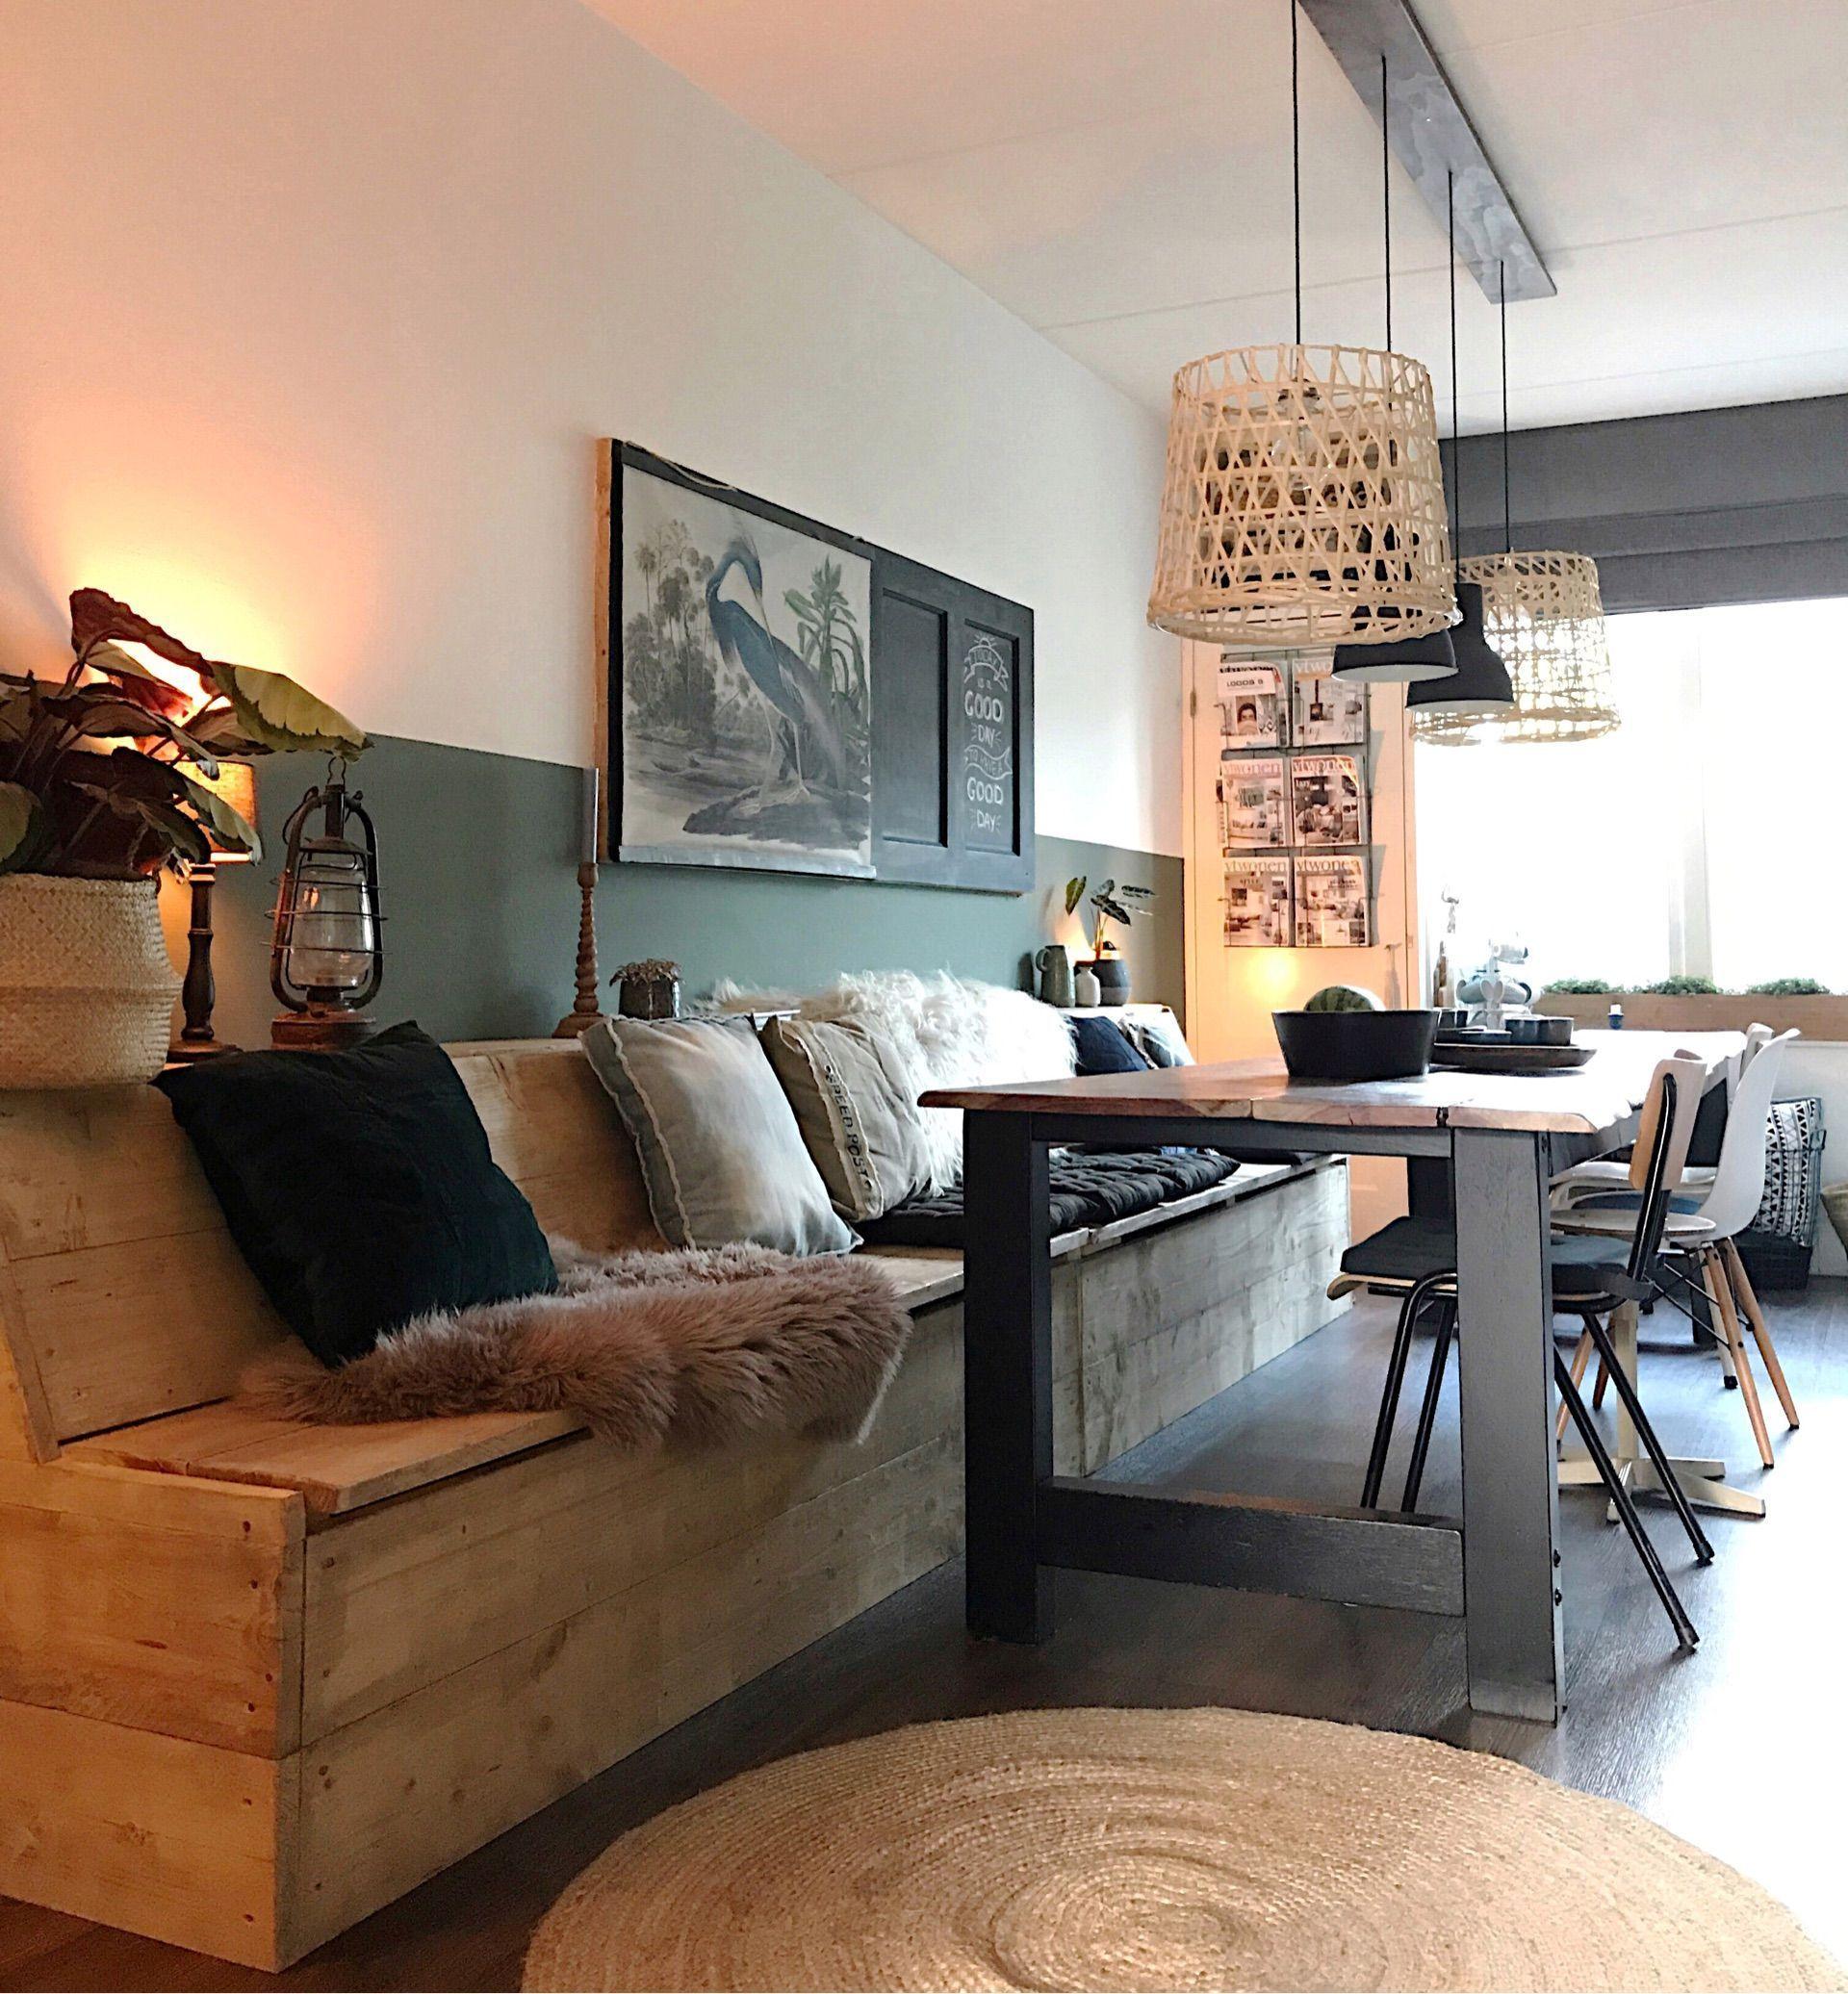 Diy Dining Room Storage: Keuken - Binnenkijken Bij Mijnhuis__enzo In 2019